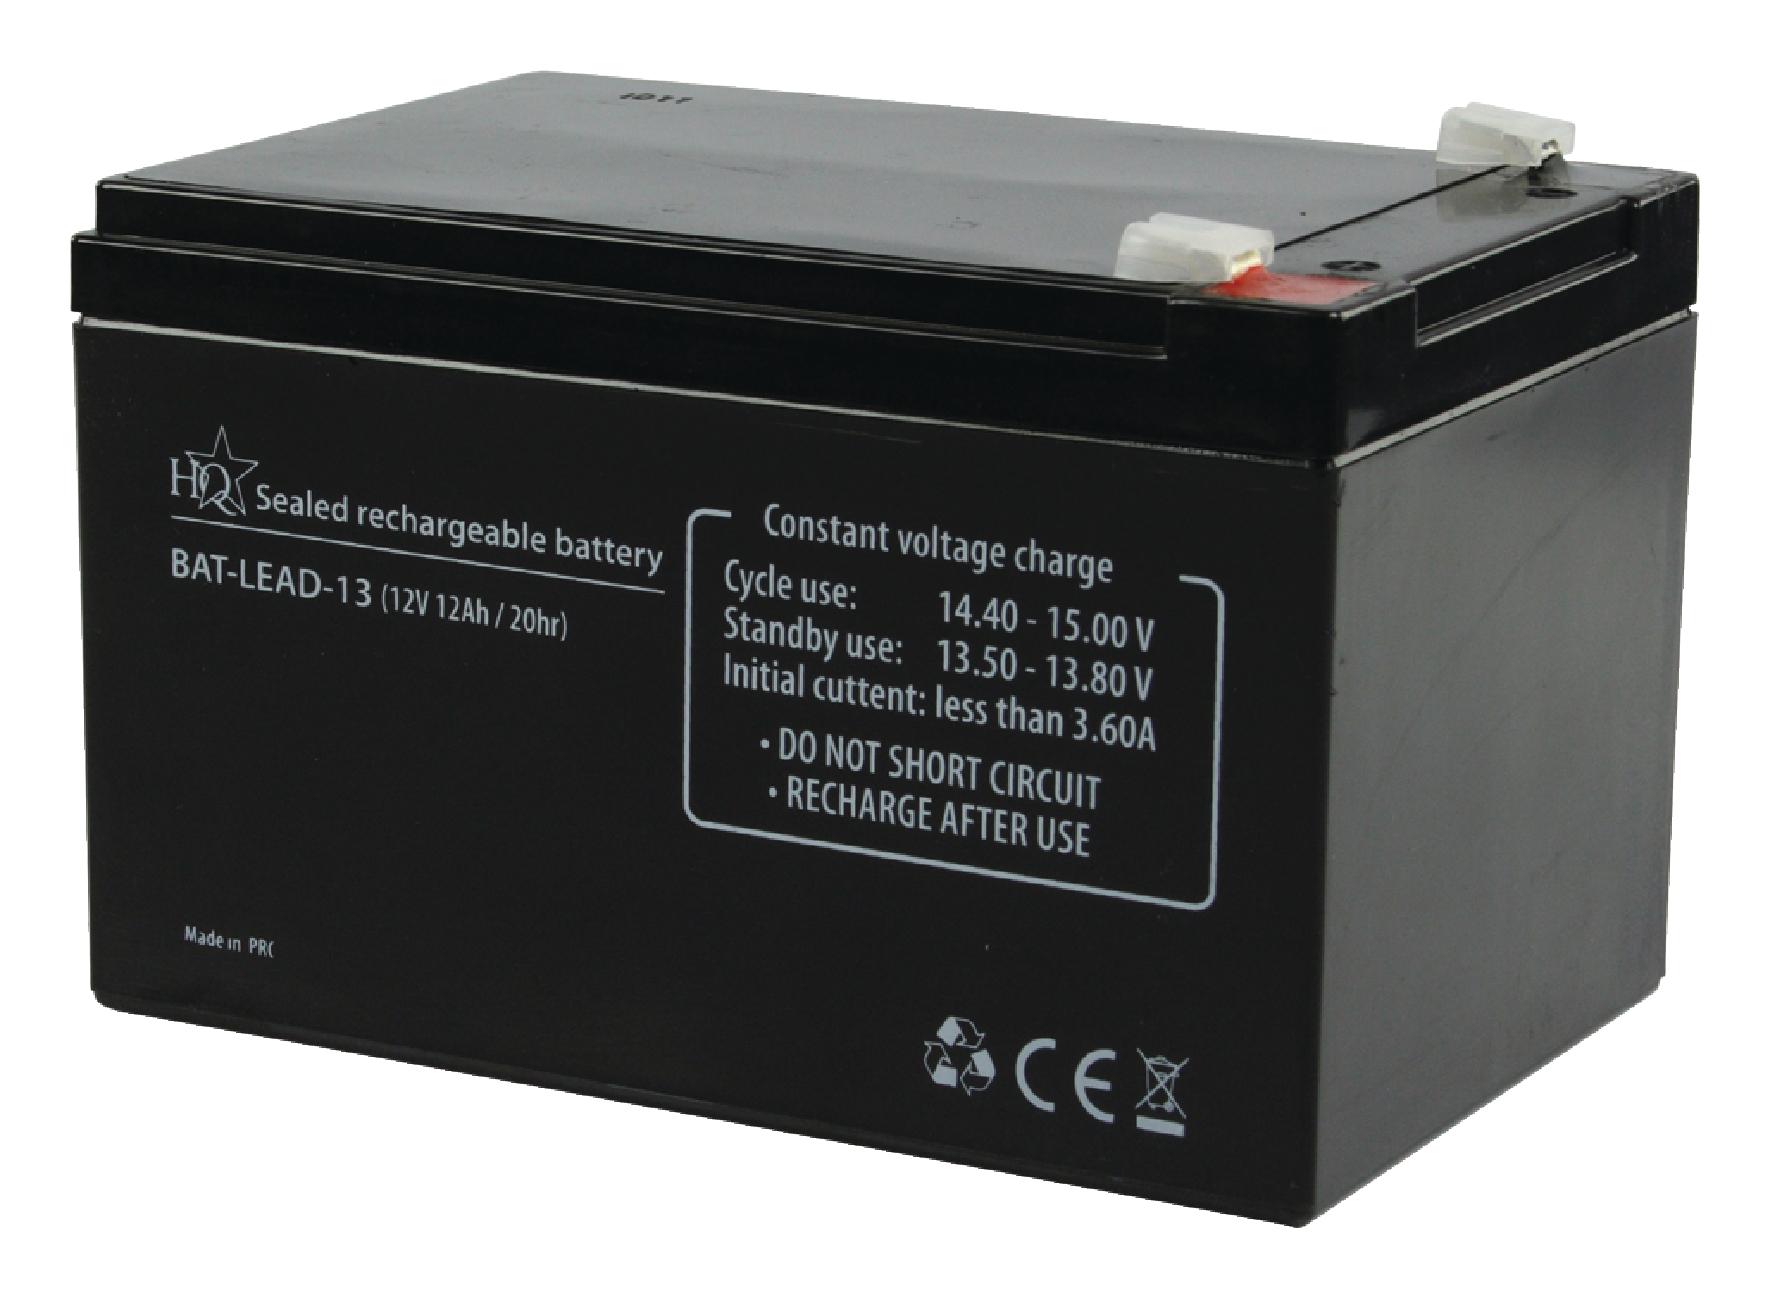 HQ olověná baterie 12V, 12Ah, 151 x 98 x 95 mm (BAT-LEAD-13)